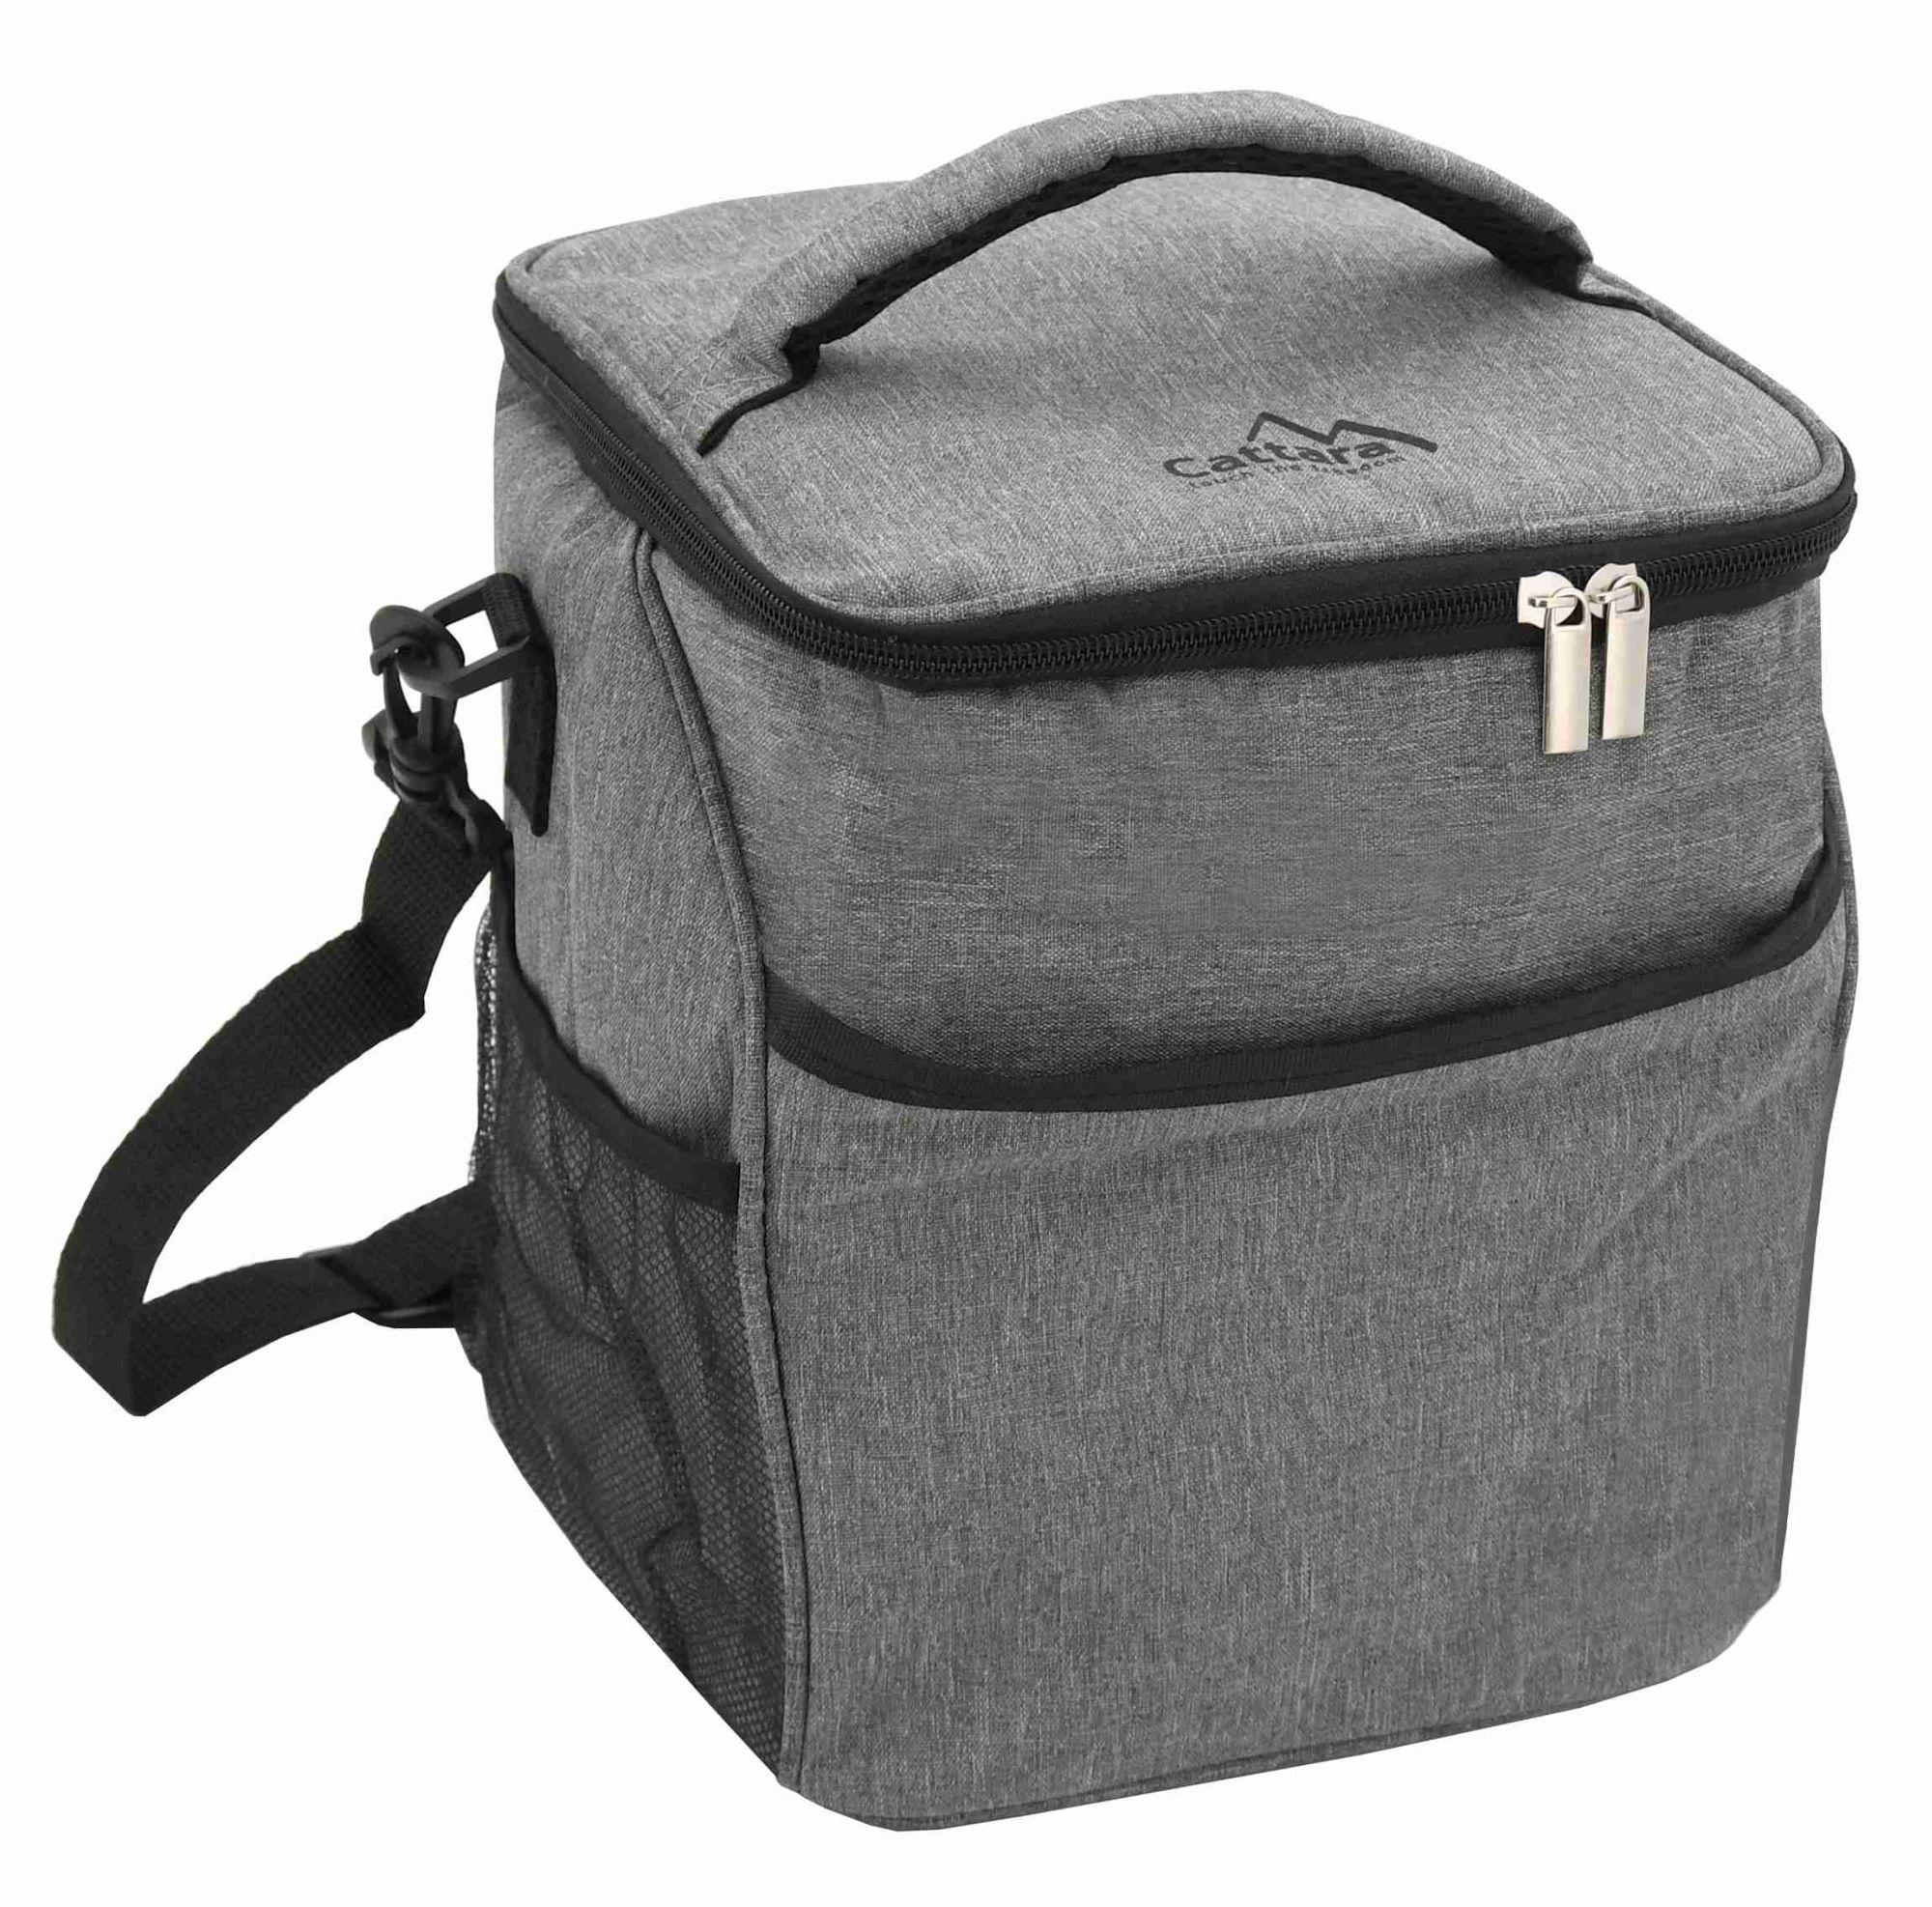 Cattara Chladící taška 10l 20x20x26cm